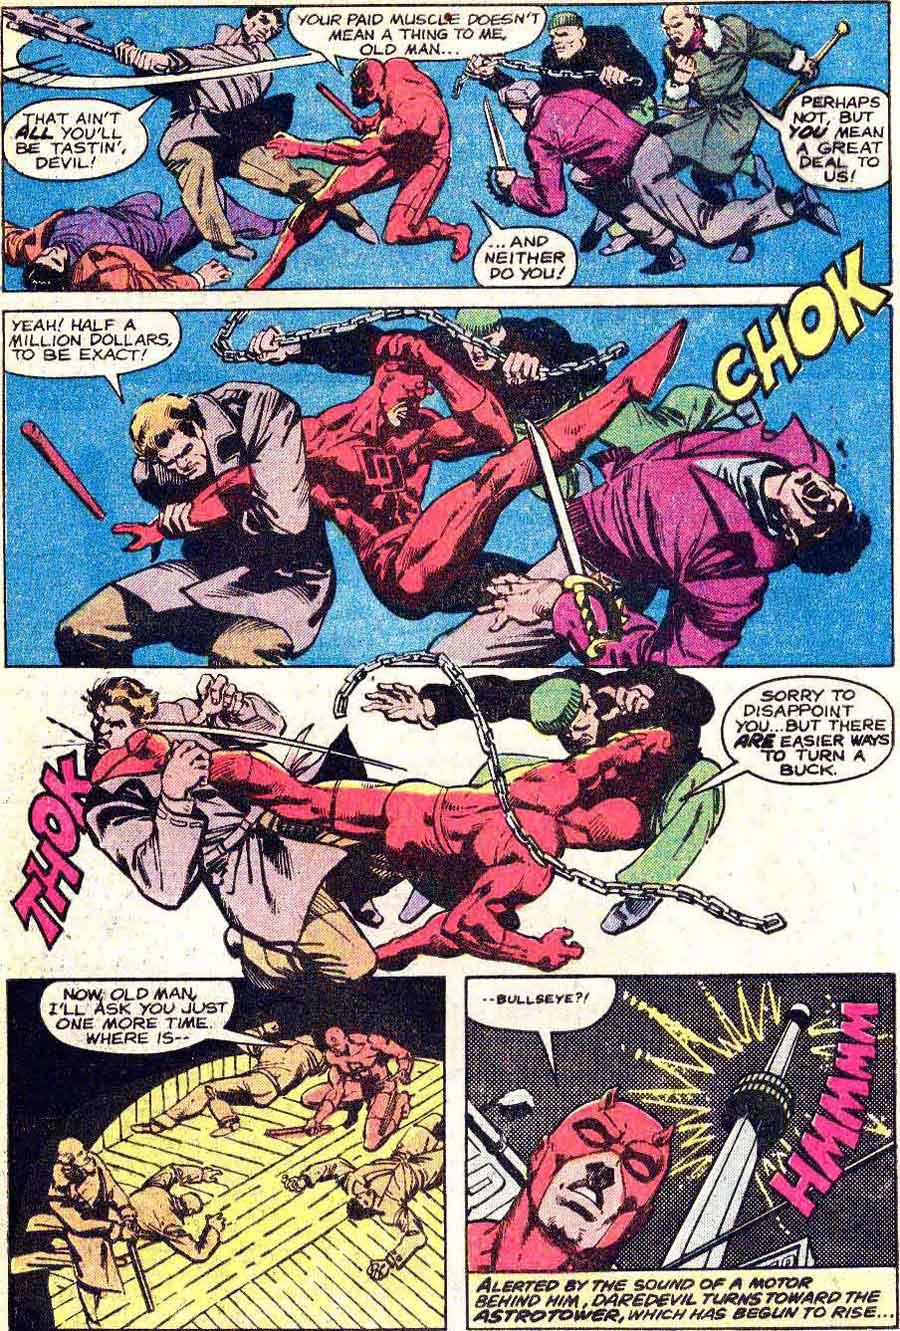 Daredevil v1 #161 marvel comic book page art by Frank Miller